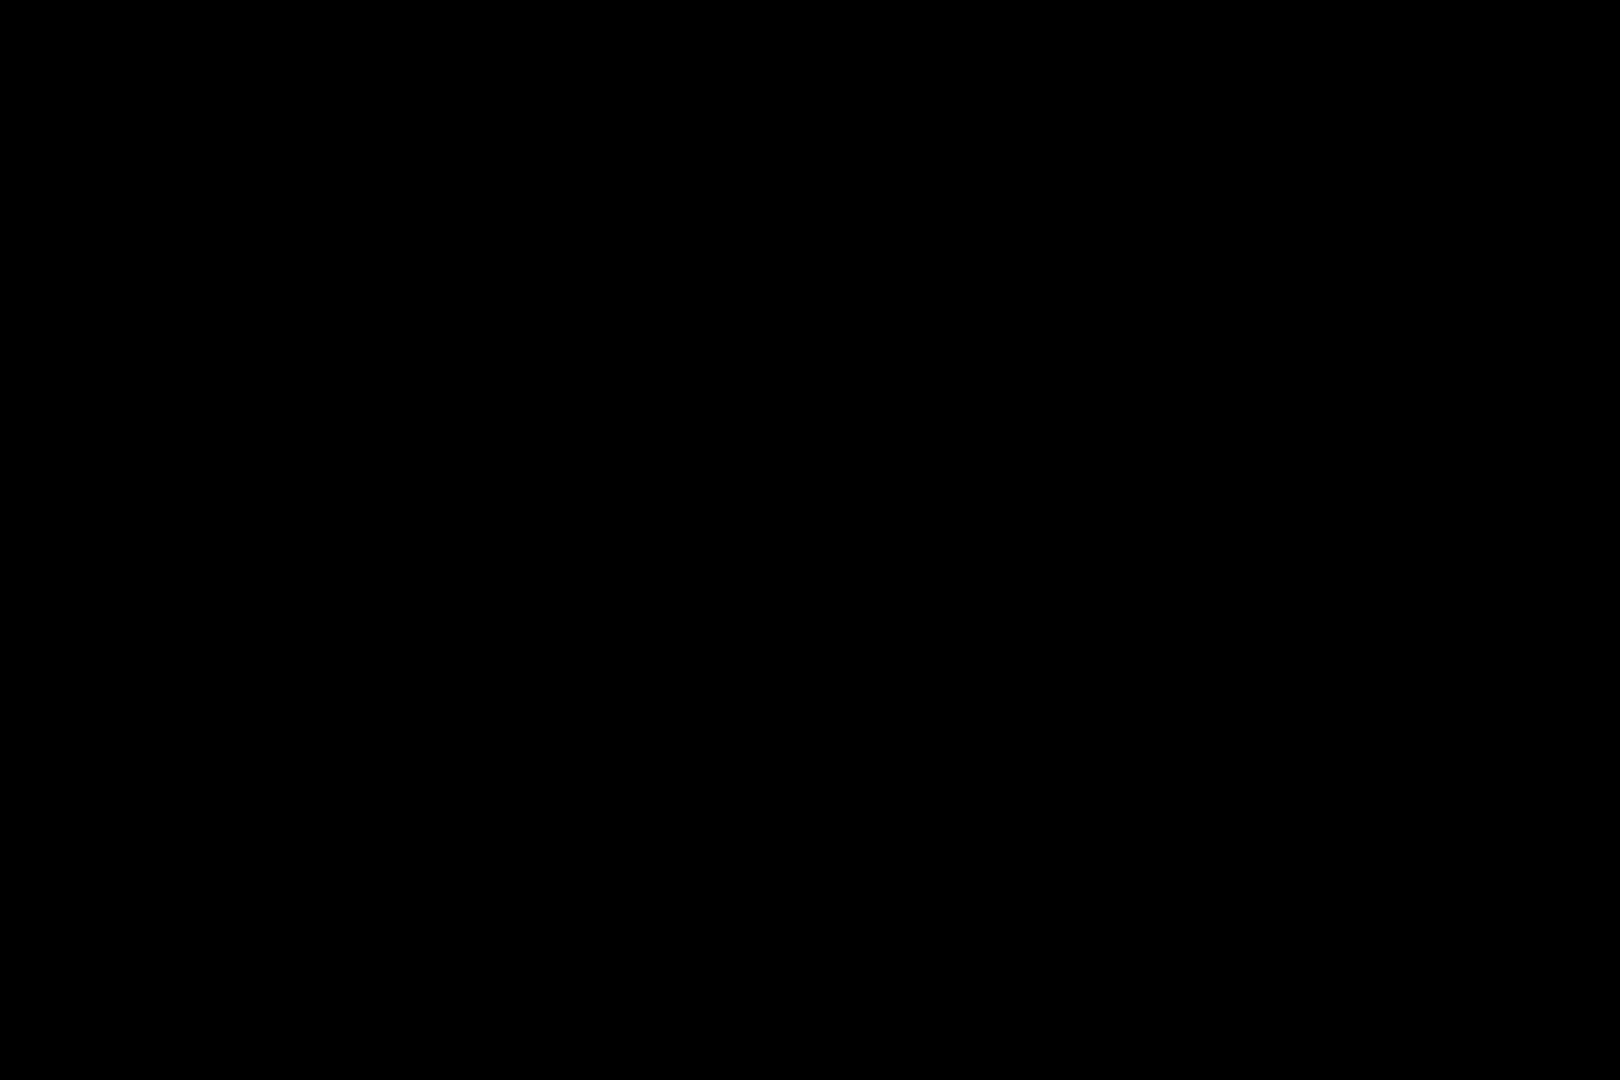 充血監督の深夜の運動会Vol.135 赤外線 | セックス  73pic 55